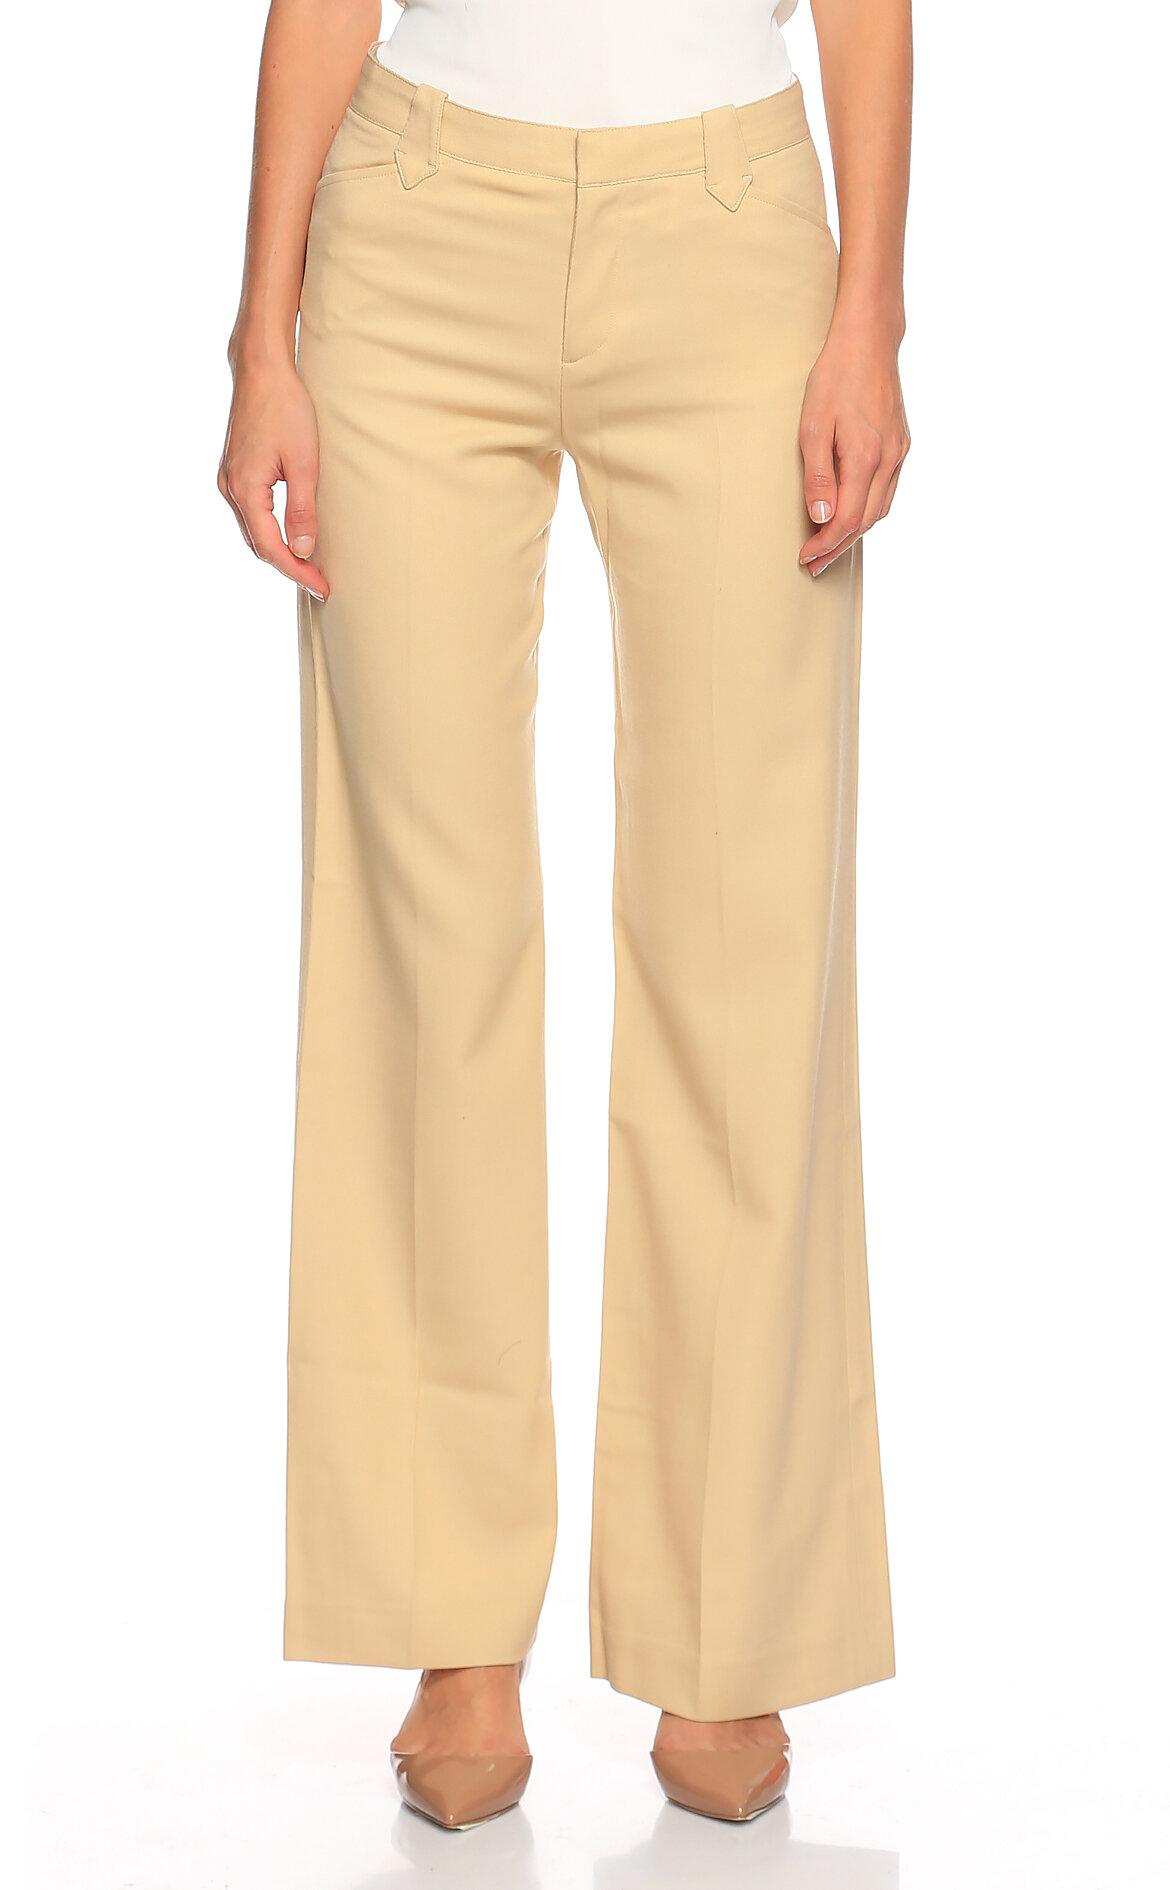 Ralph Lauren Blue Label  Bej Pantolon